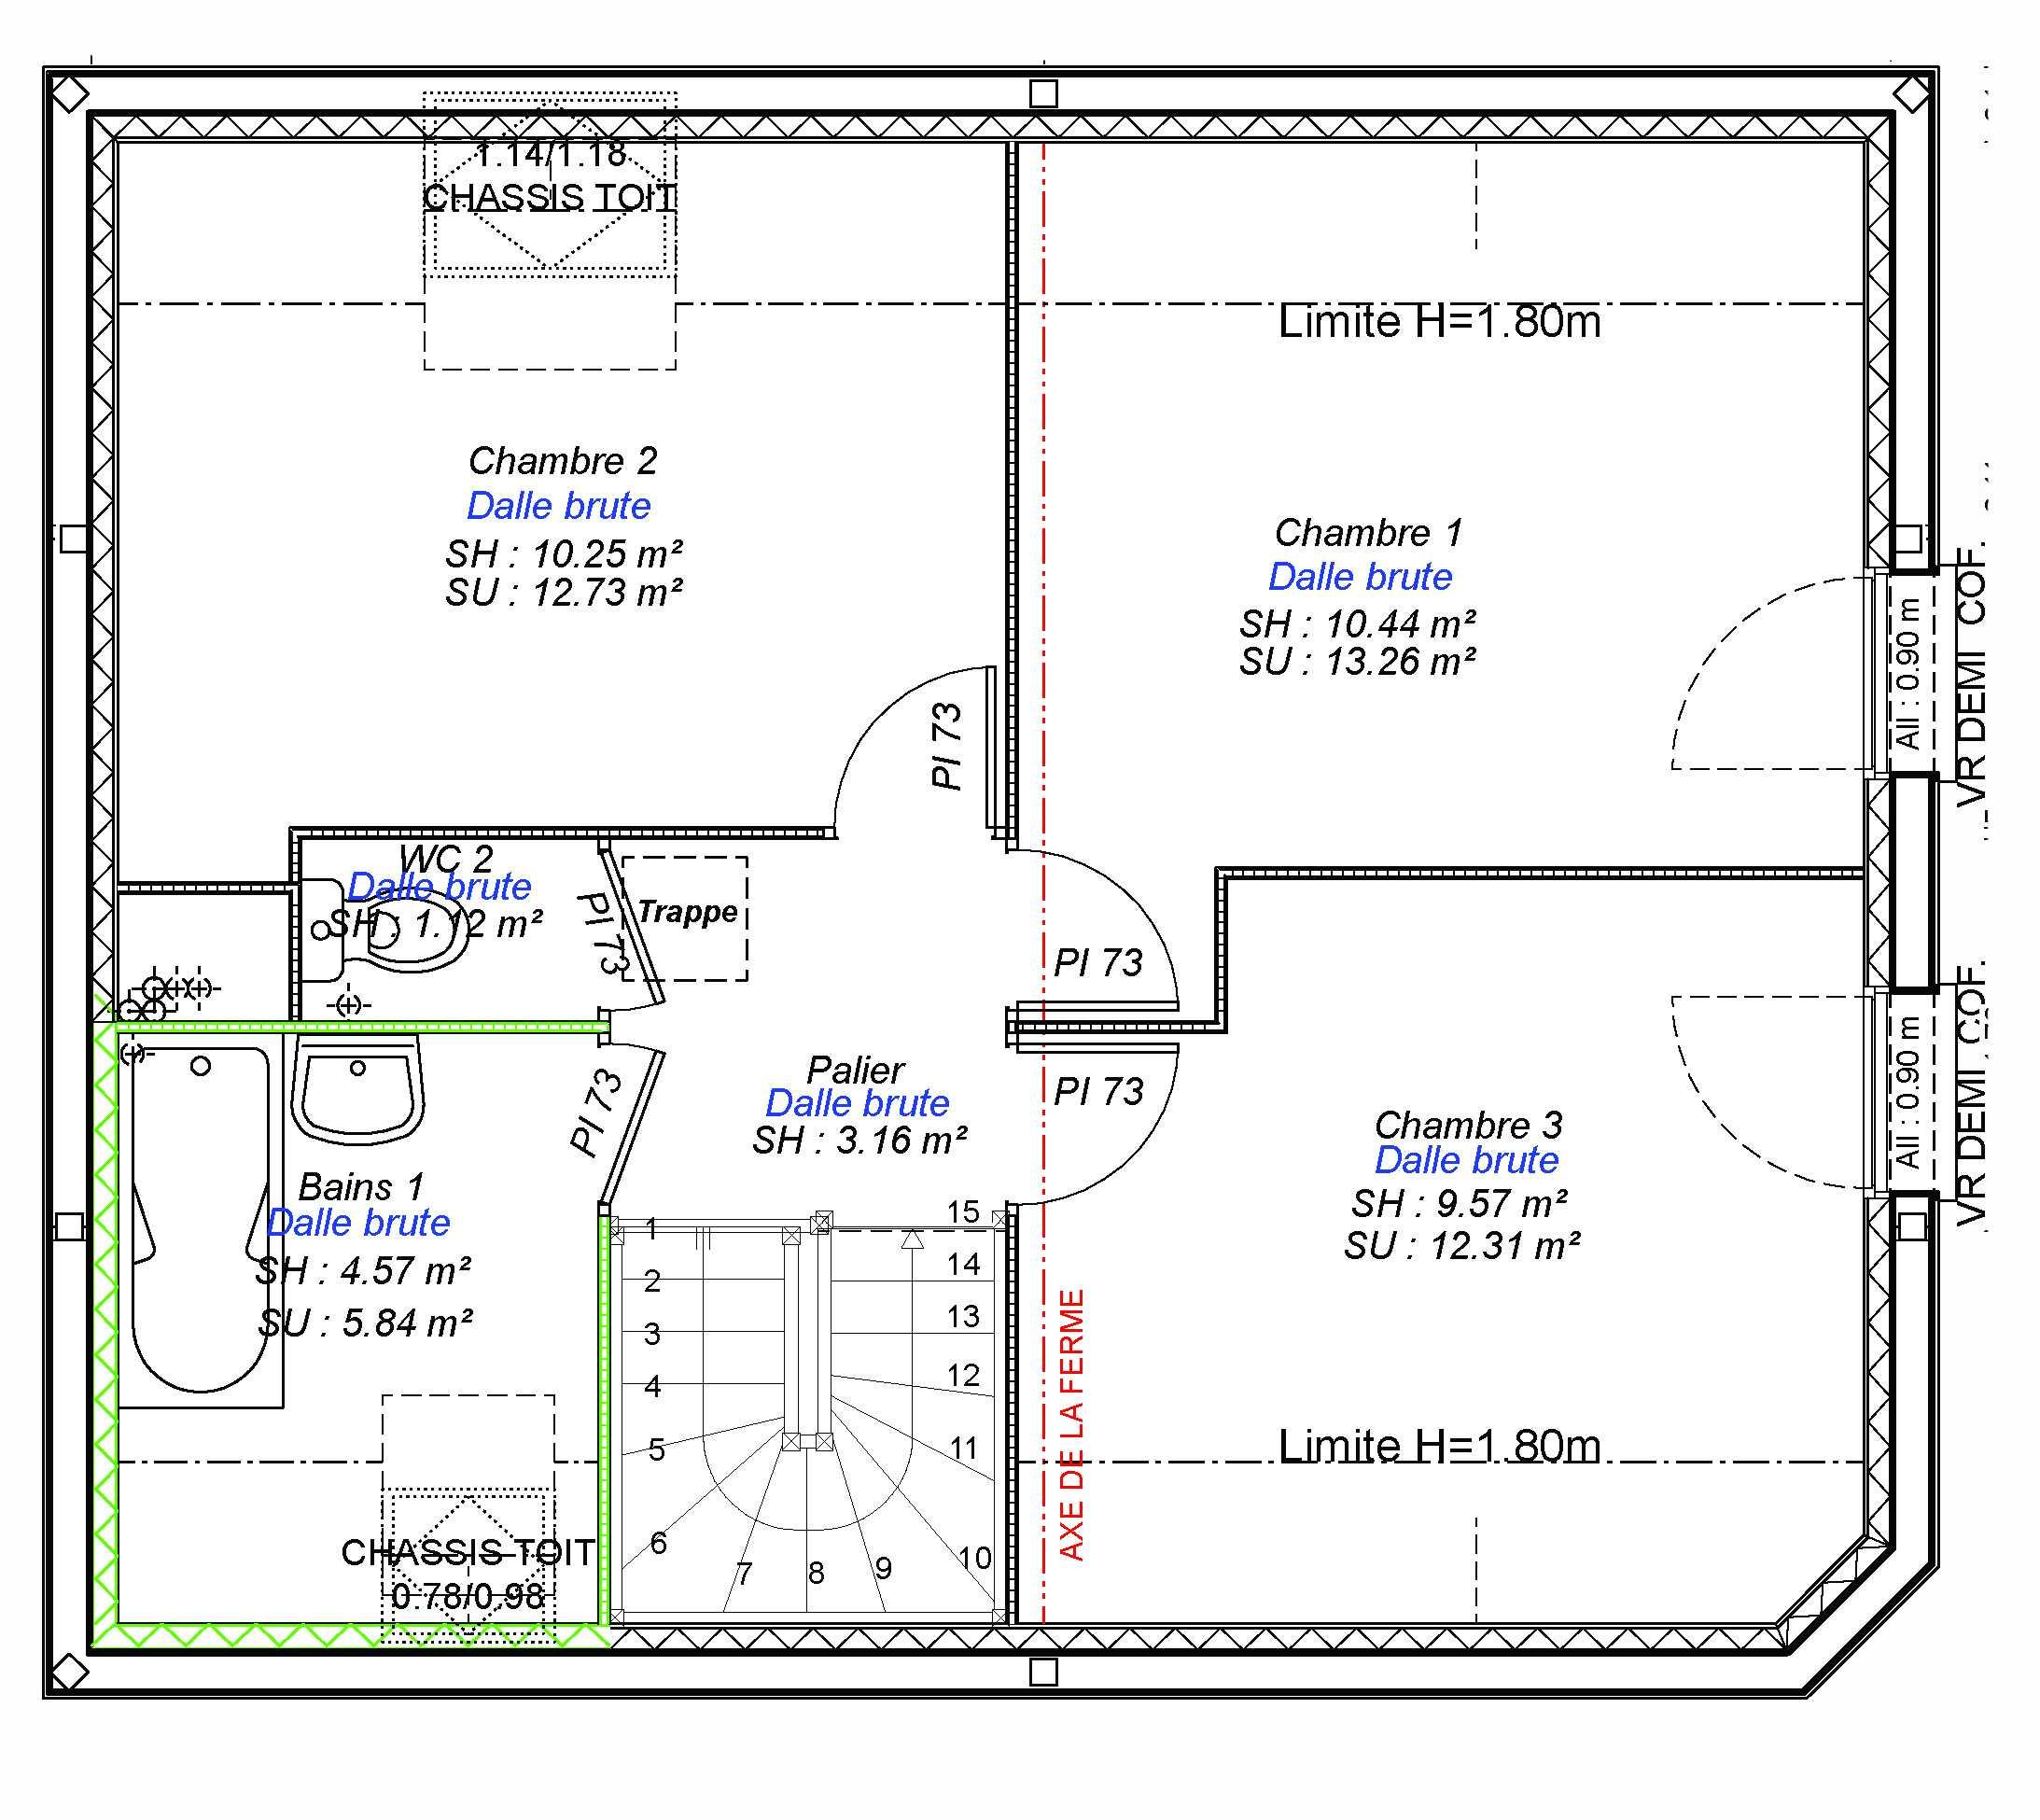 Constructeur maisons individuelles Caen-FAMILY-AXCESS 3CH 89 M²- etage